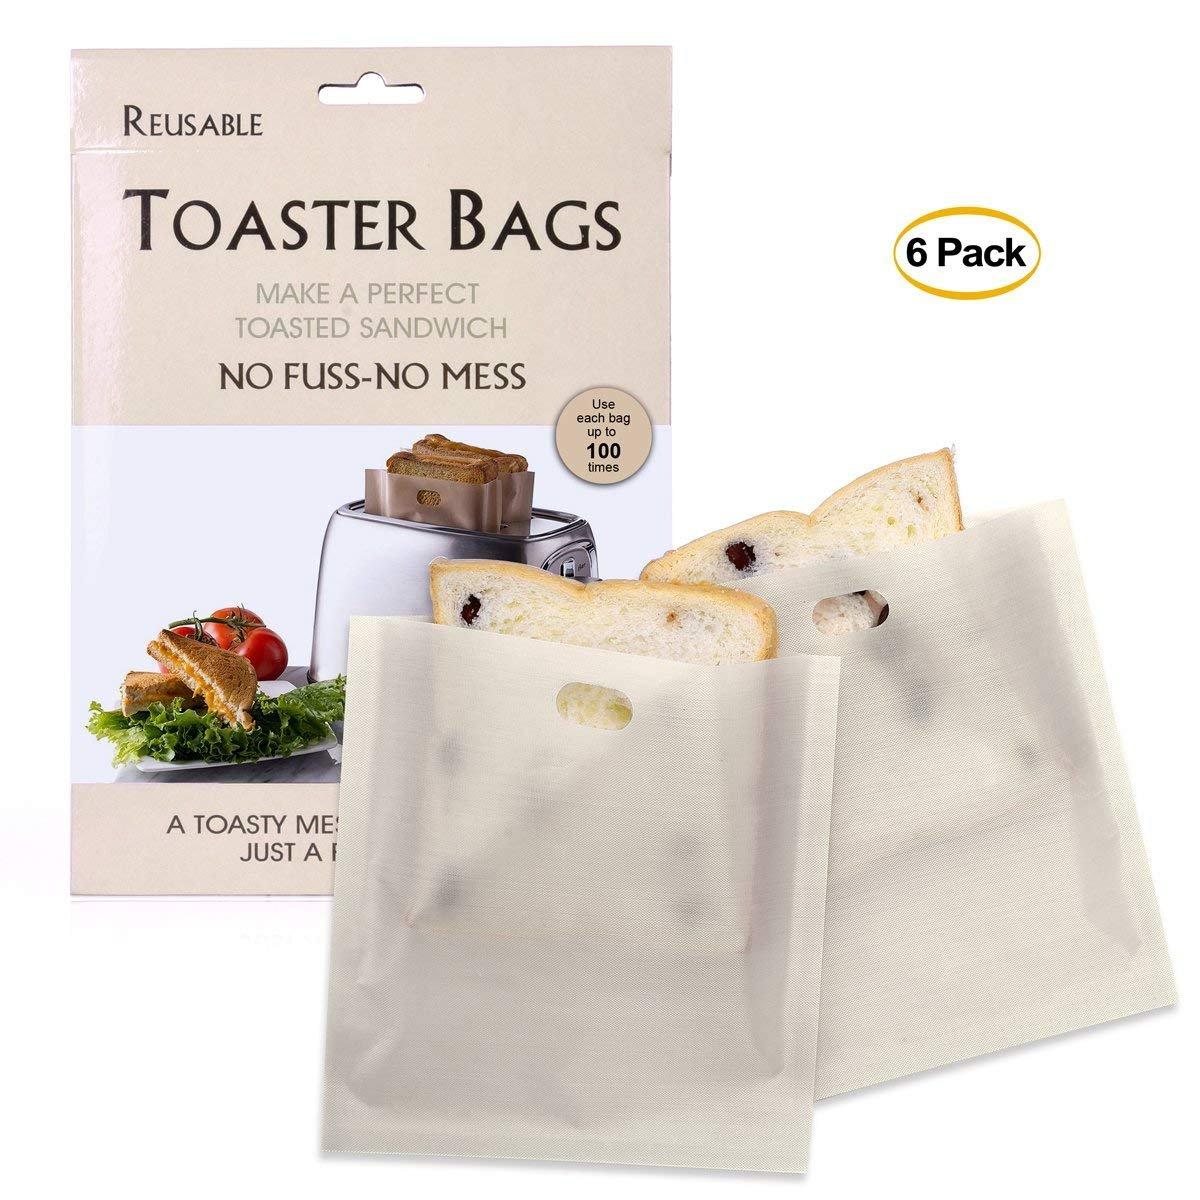 6 pezzi formaggio alla griglia tostapane sacchetti riutilizzabile antiaderente toast bag sandwich toast borse tasche forno a microonde tostapane sacchetti Aisence